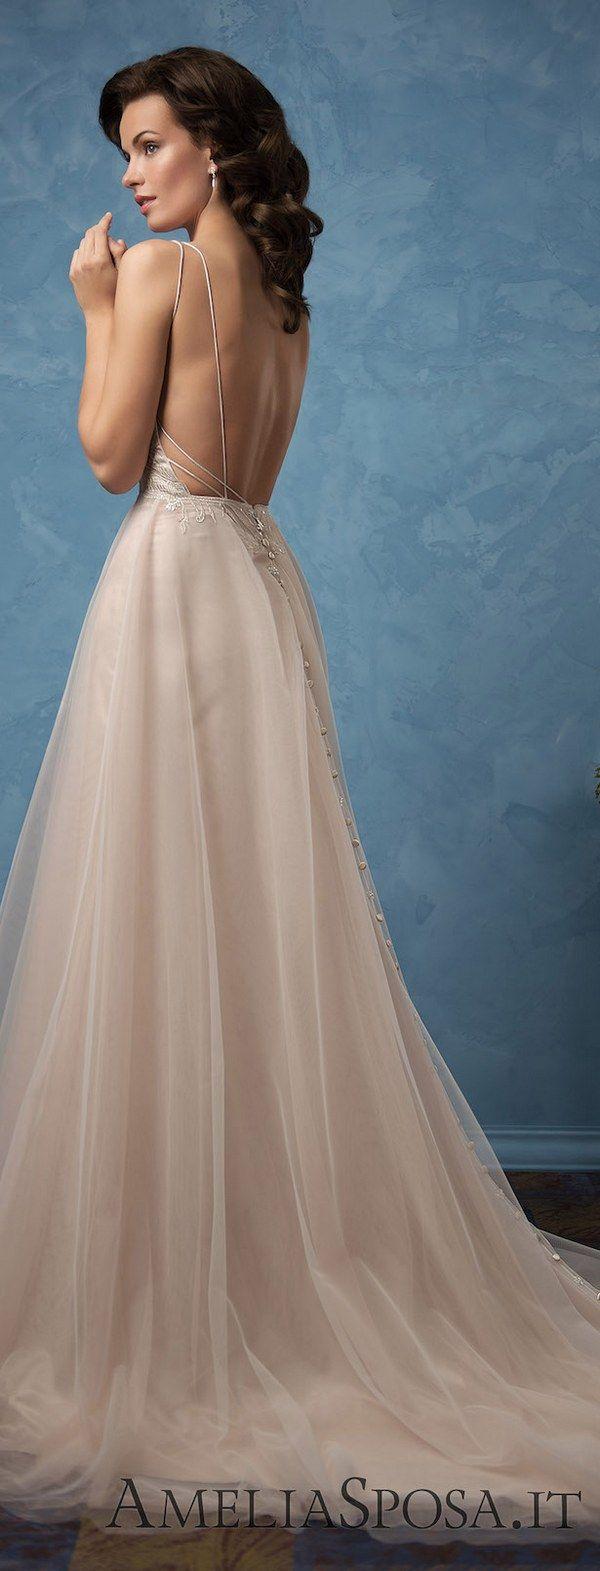 Amelia Sposa 2017 Wedding Dresses | Vestiditos, De novia y Vestidos ...